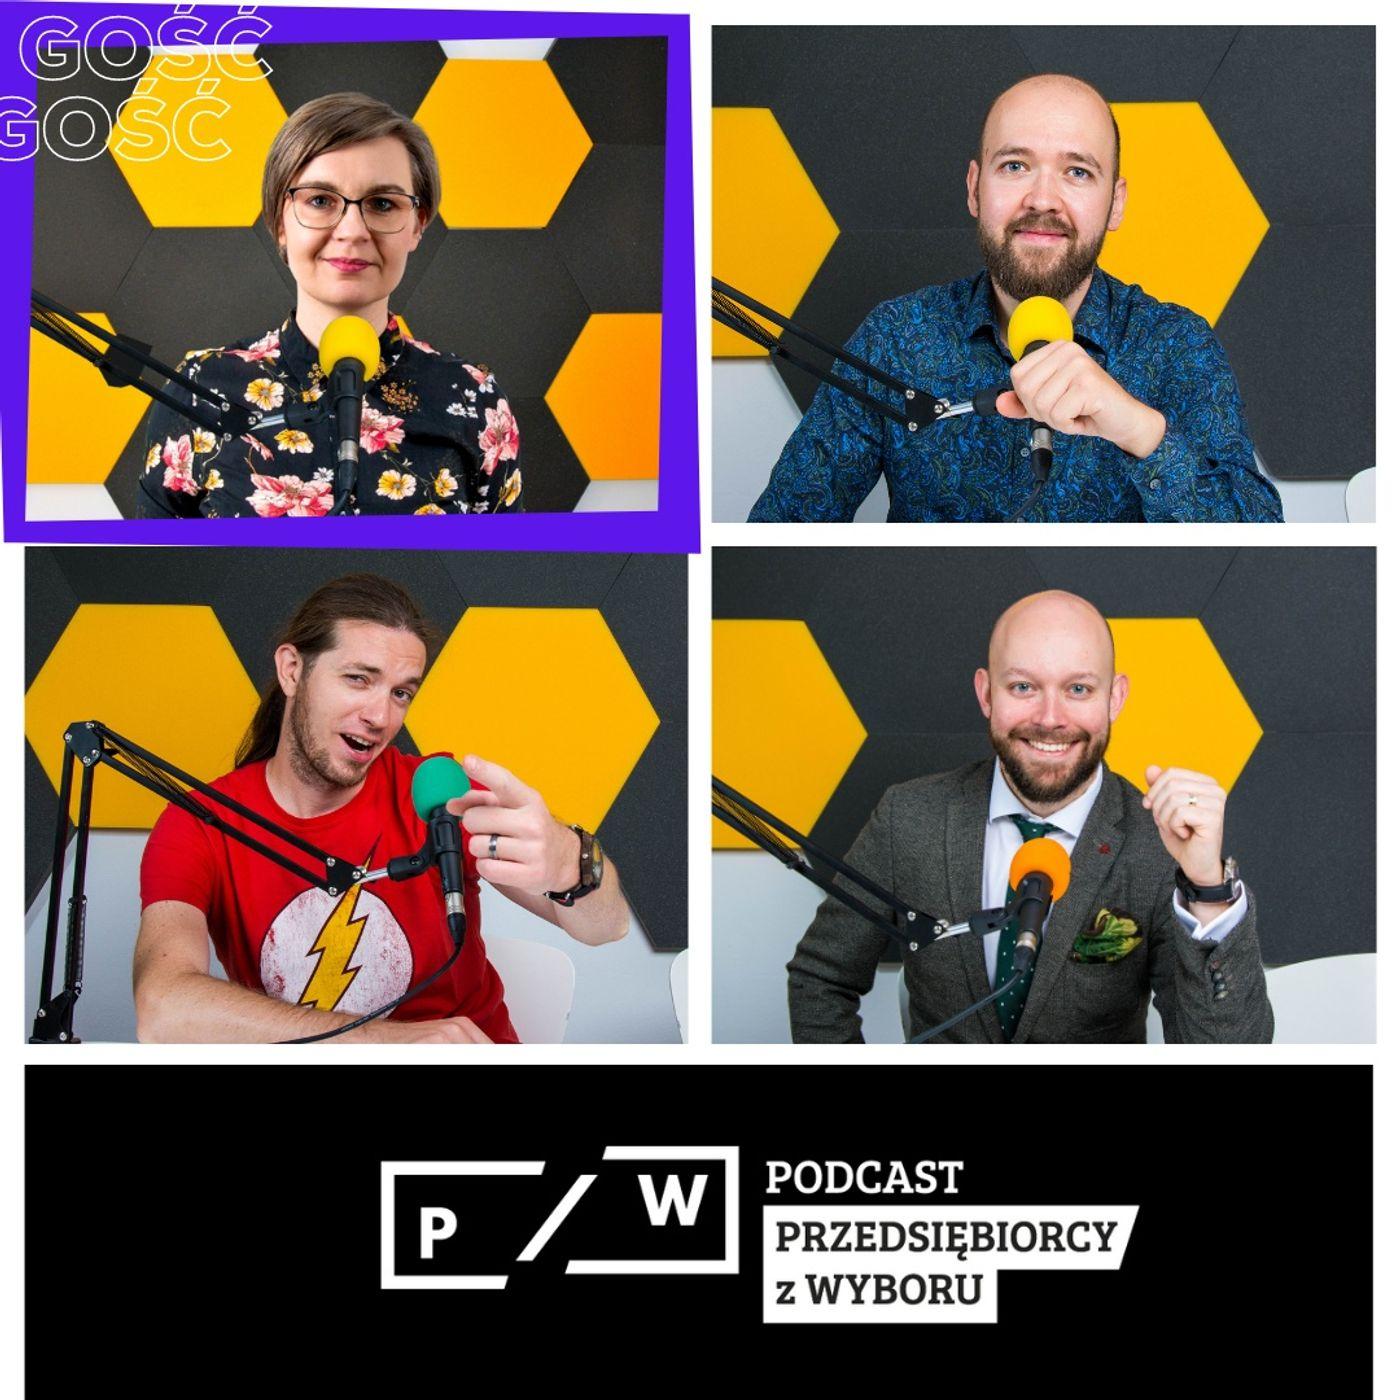 #82 Pandemia trwa, a karawany jadą dalej - Kasia Pawłowska (All for camp)